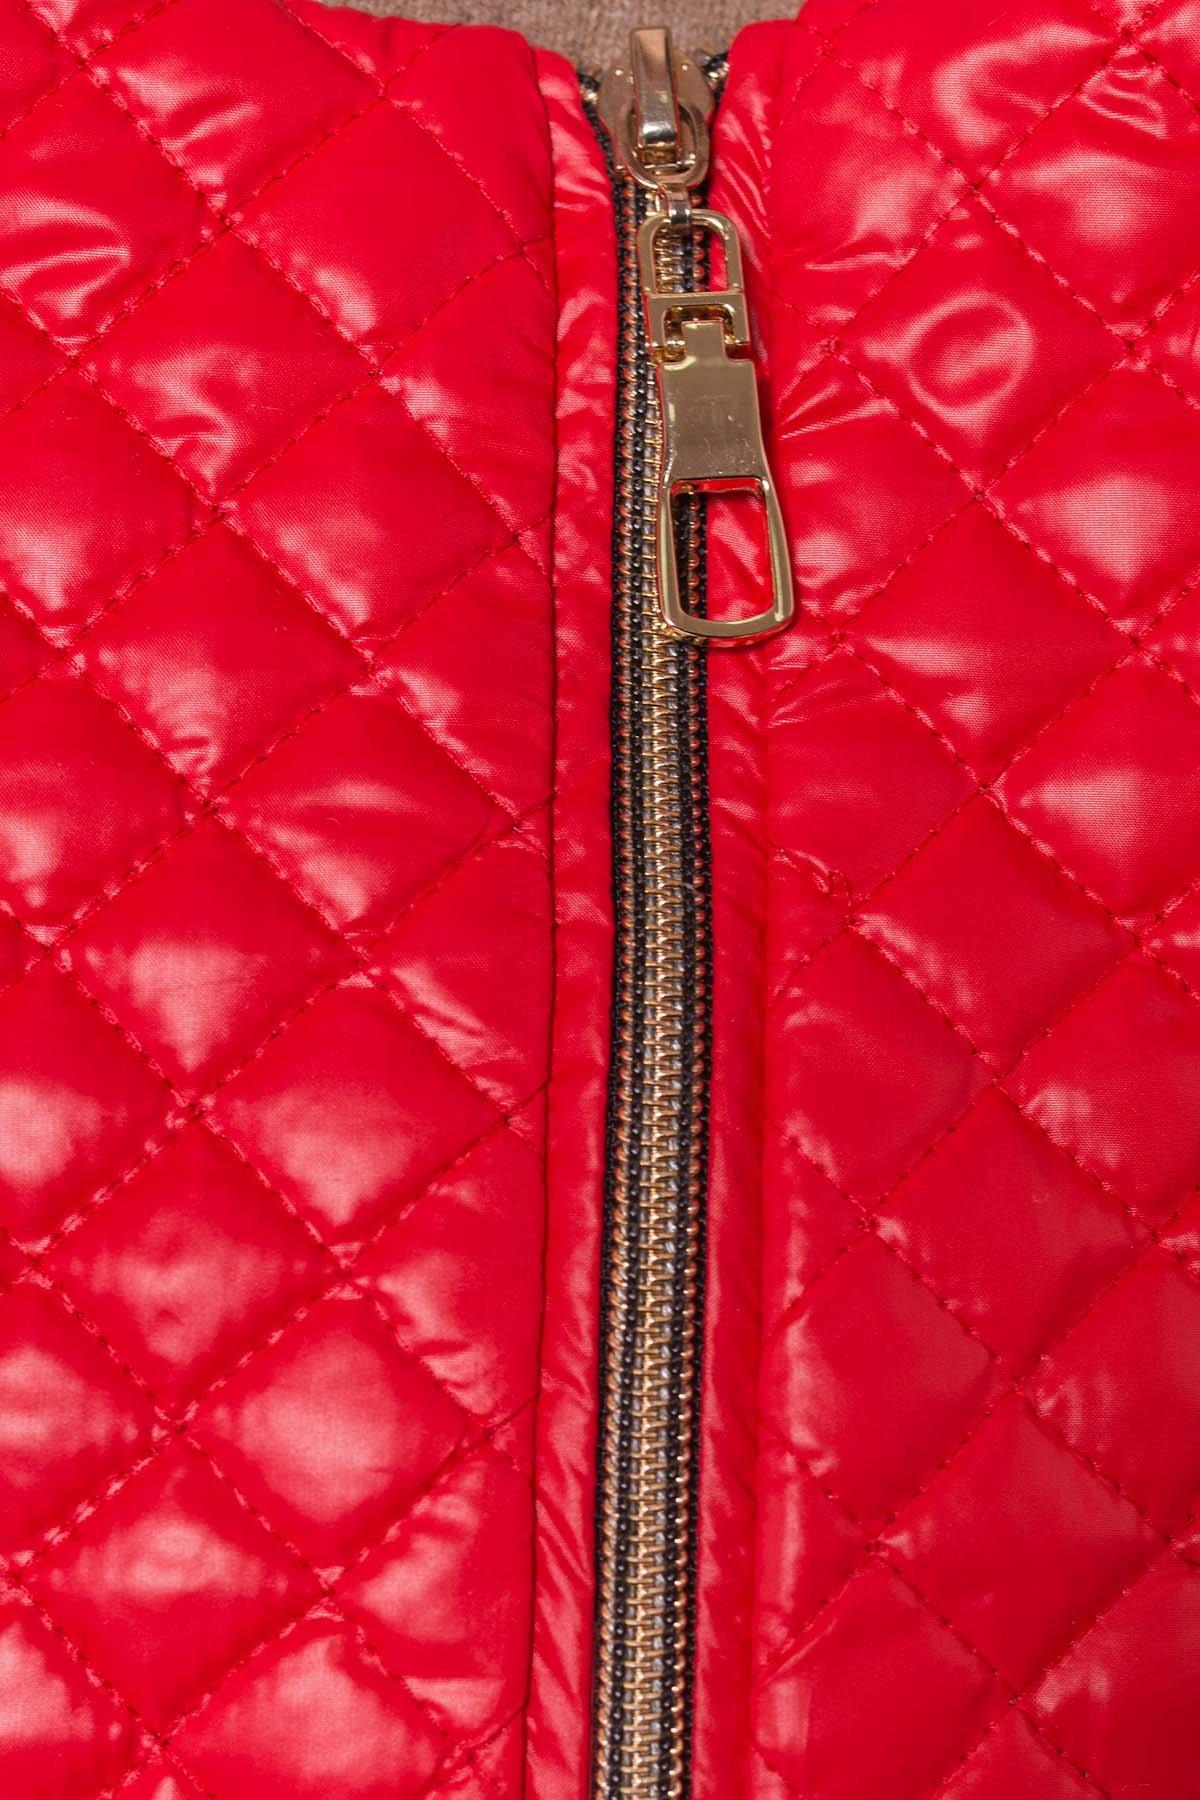 Пальто Матео 4809 АРТ. 5602 Цвет: Красный/Черный 4 - фото 5, интернет магазин tm-modus.ru